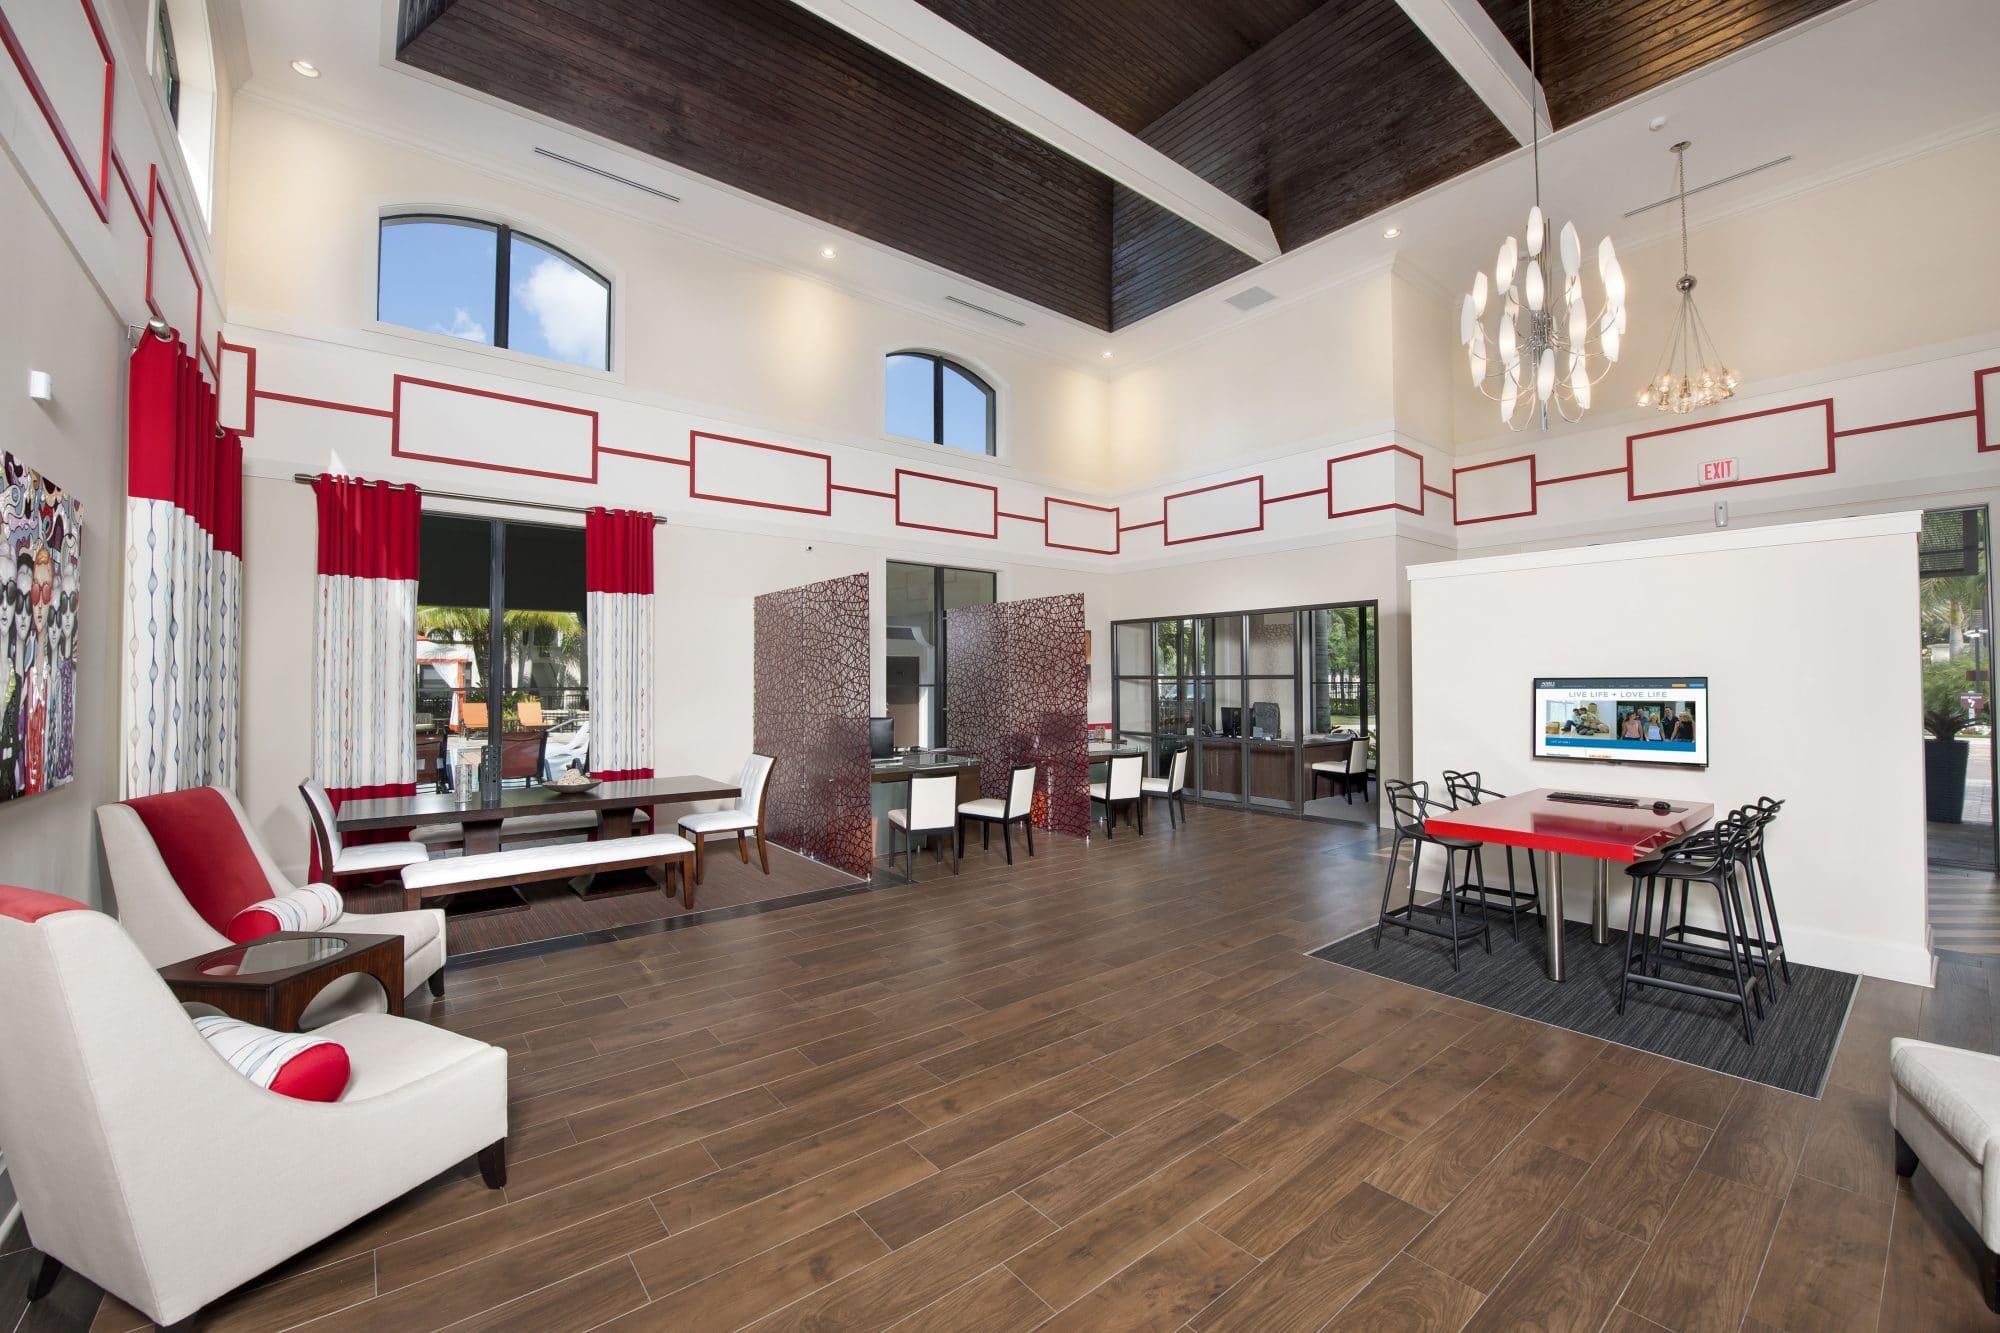 One bedroom apartment rentals in miramar florida - One and two bedroom apartments for rent ...